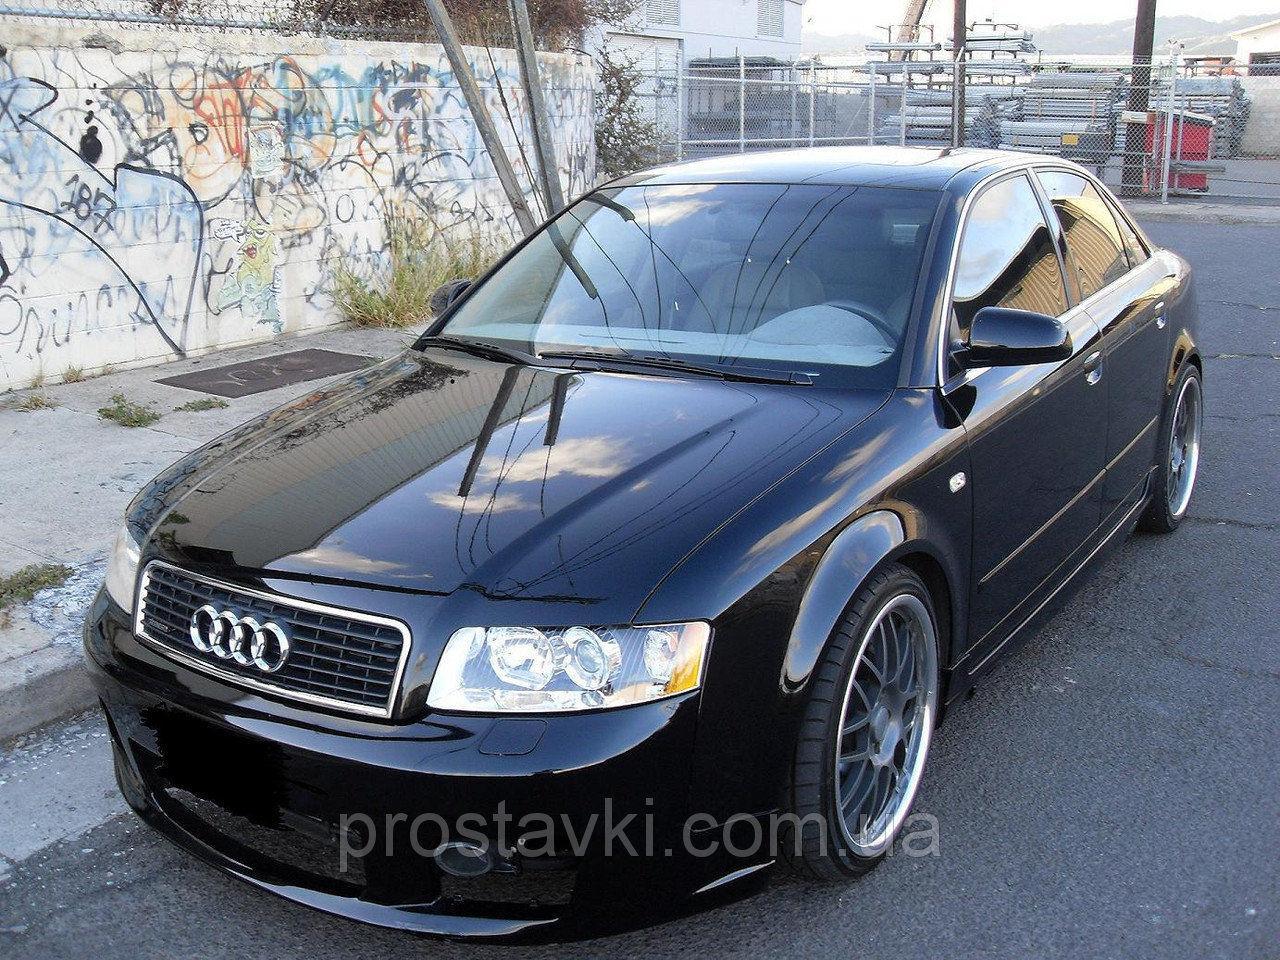 Колесные проставки Audi, VW, Skoda 5х112 16мм.